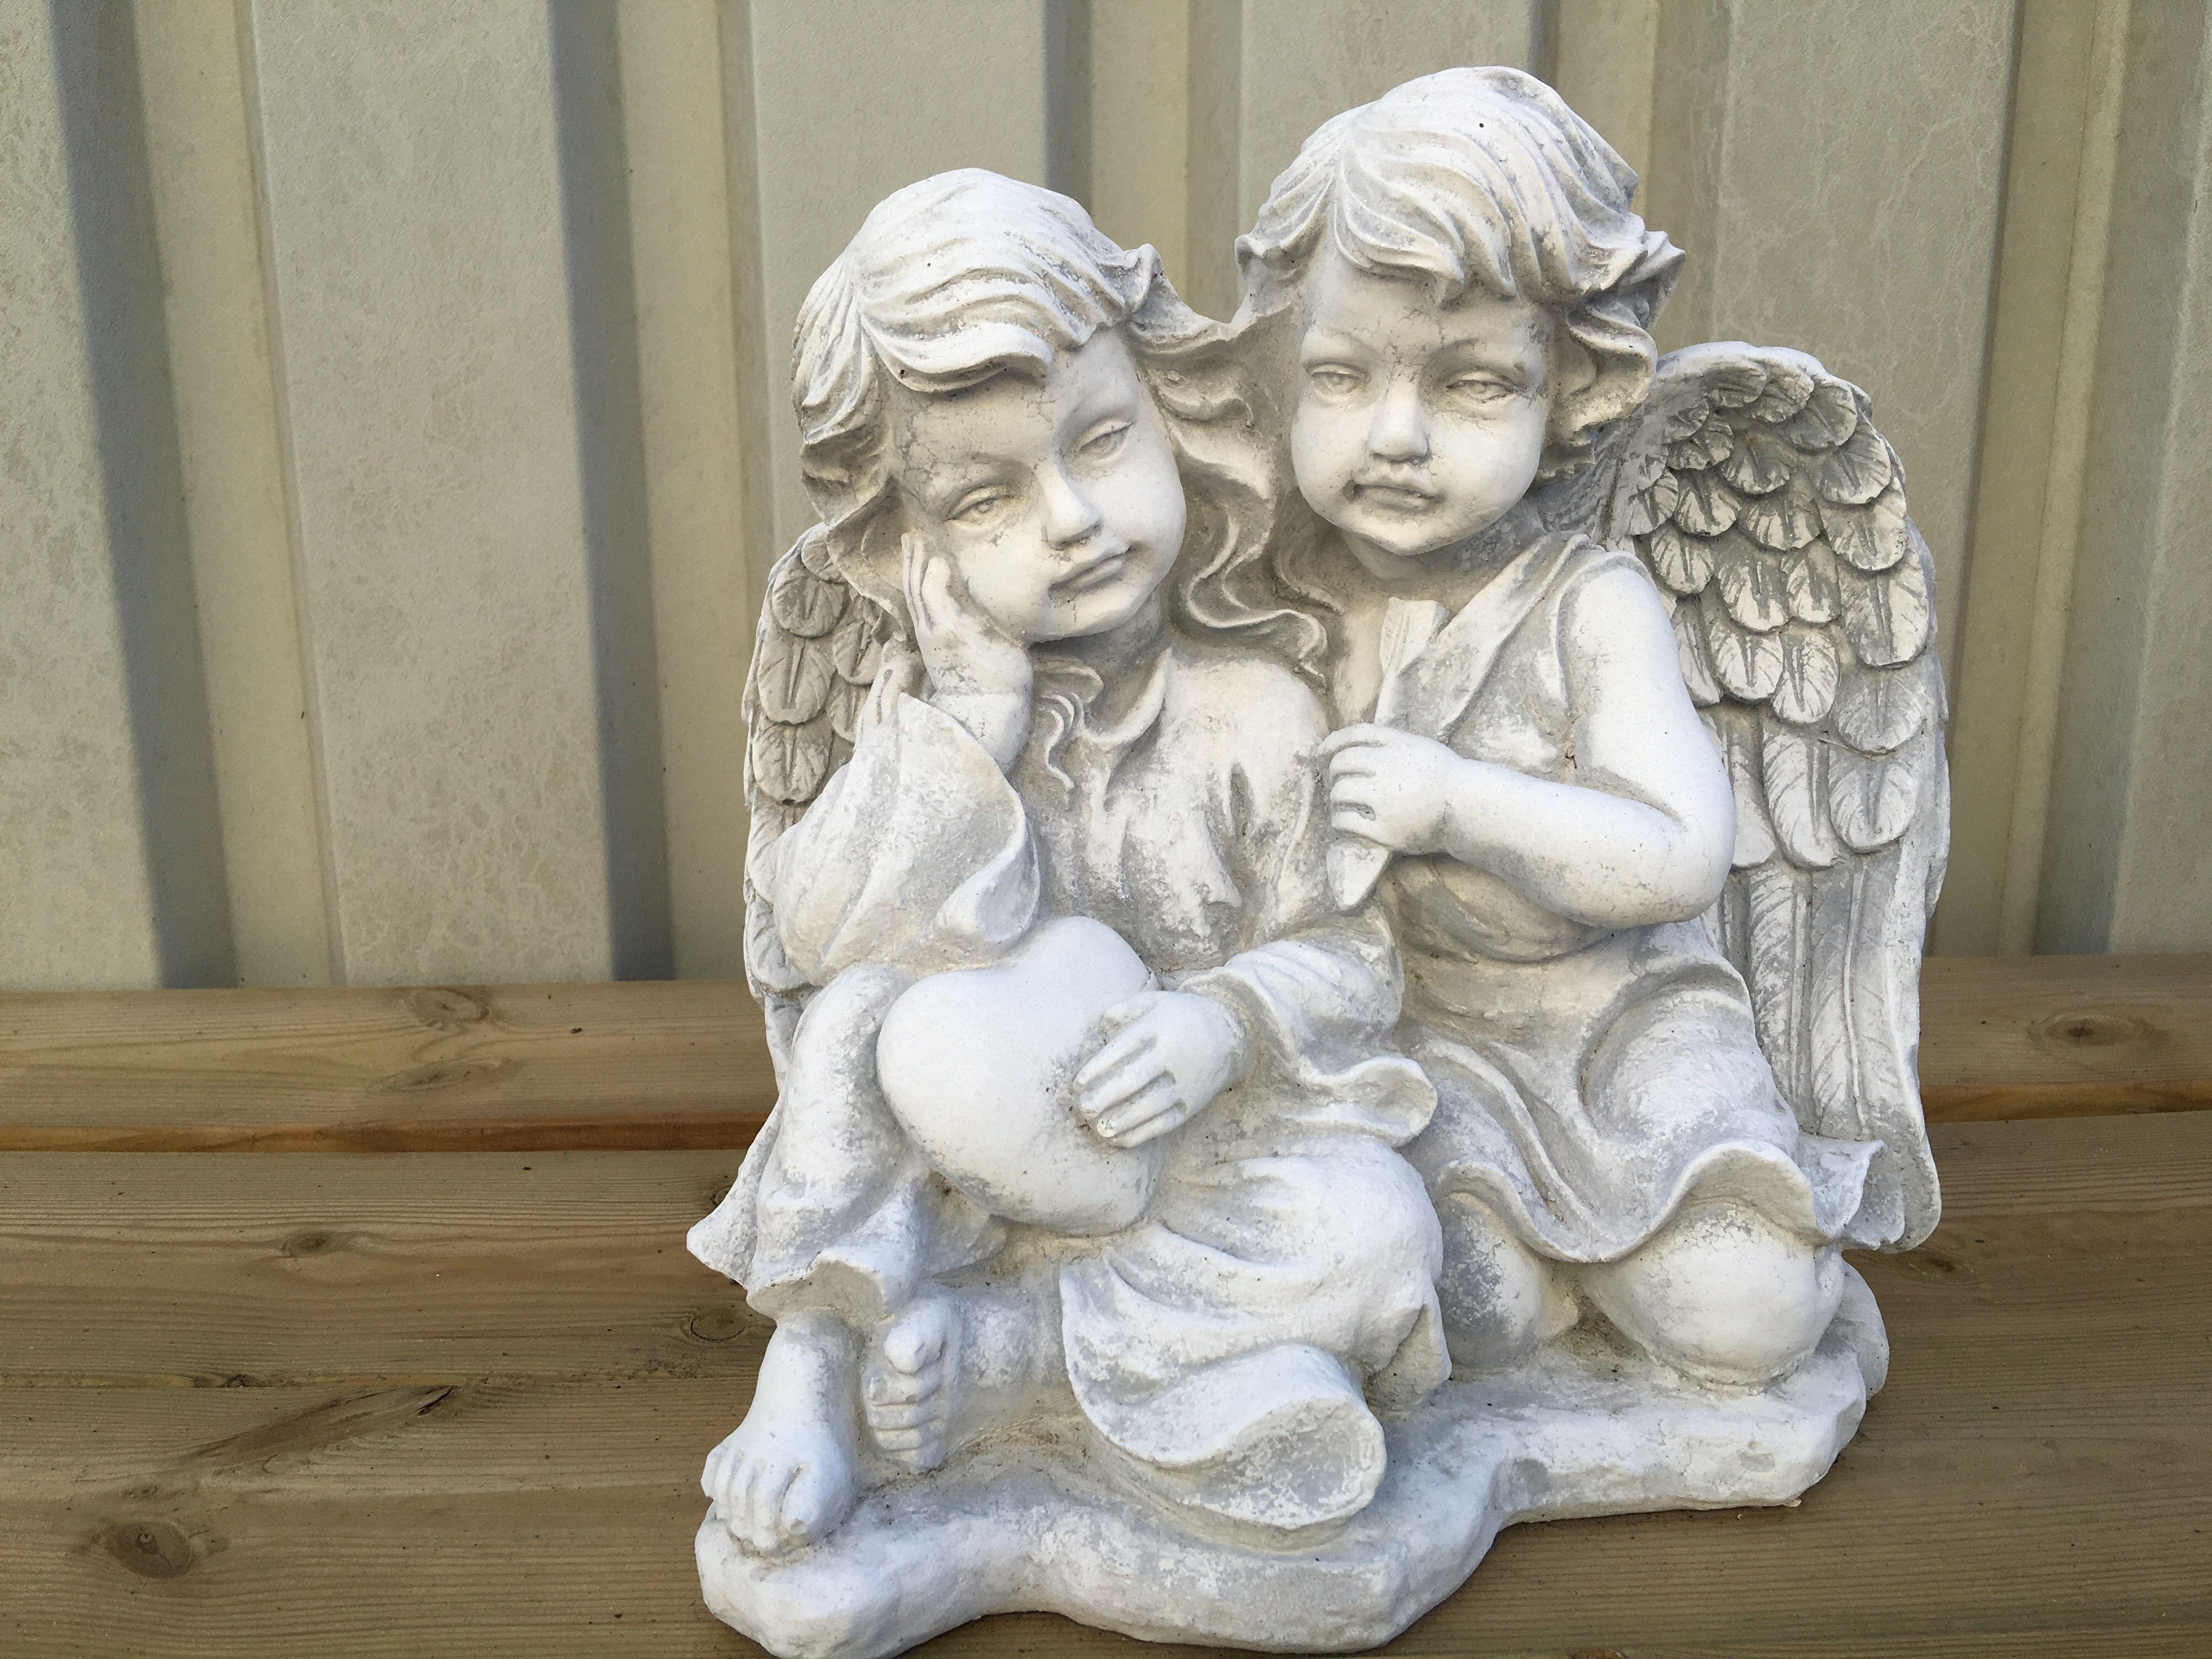 Beeld vol steen van 2 engelen prachtig beeld. deco rustique.be